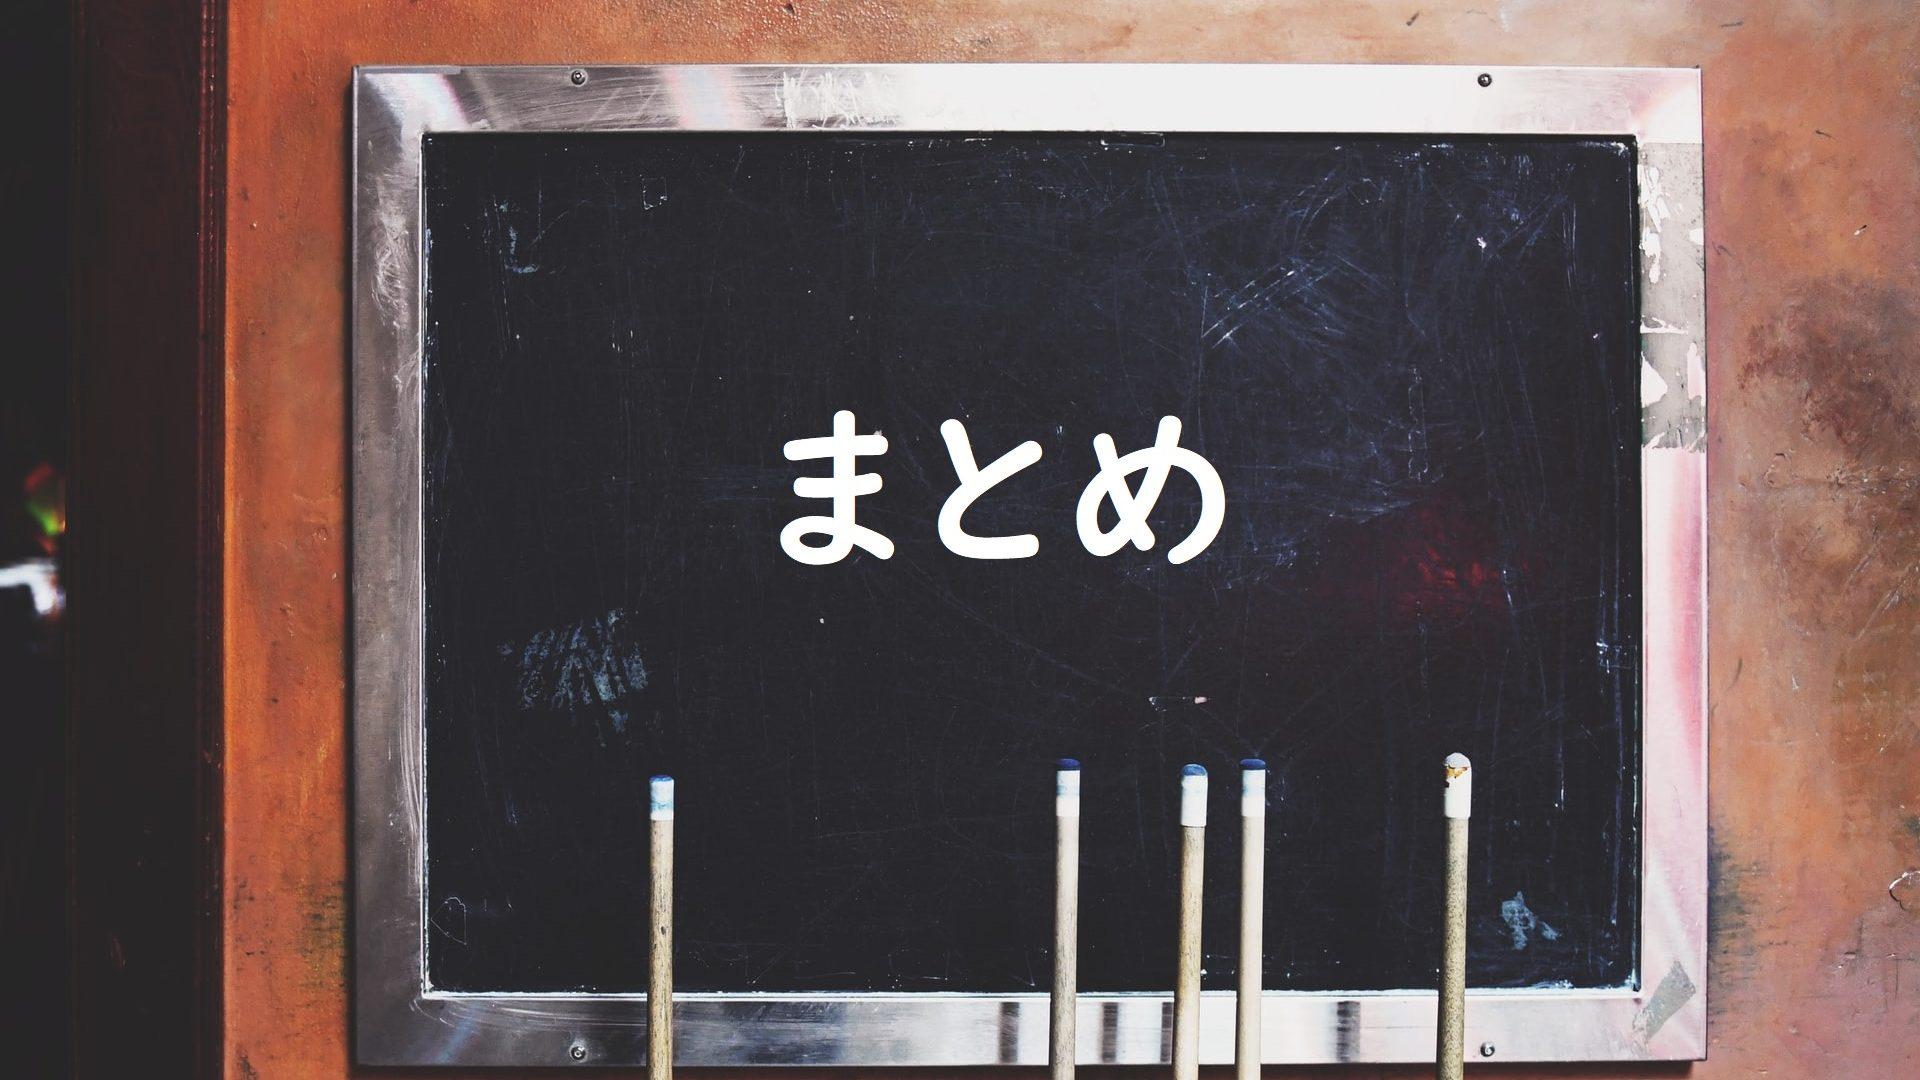 黒板に「まとめ」と書いている